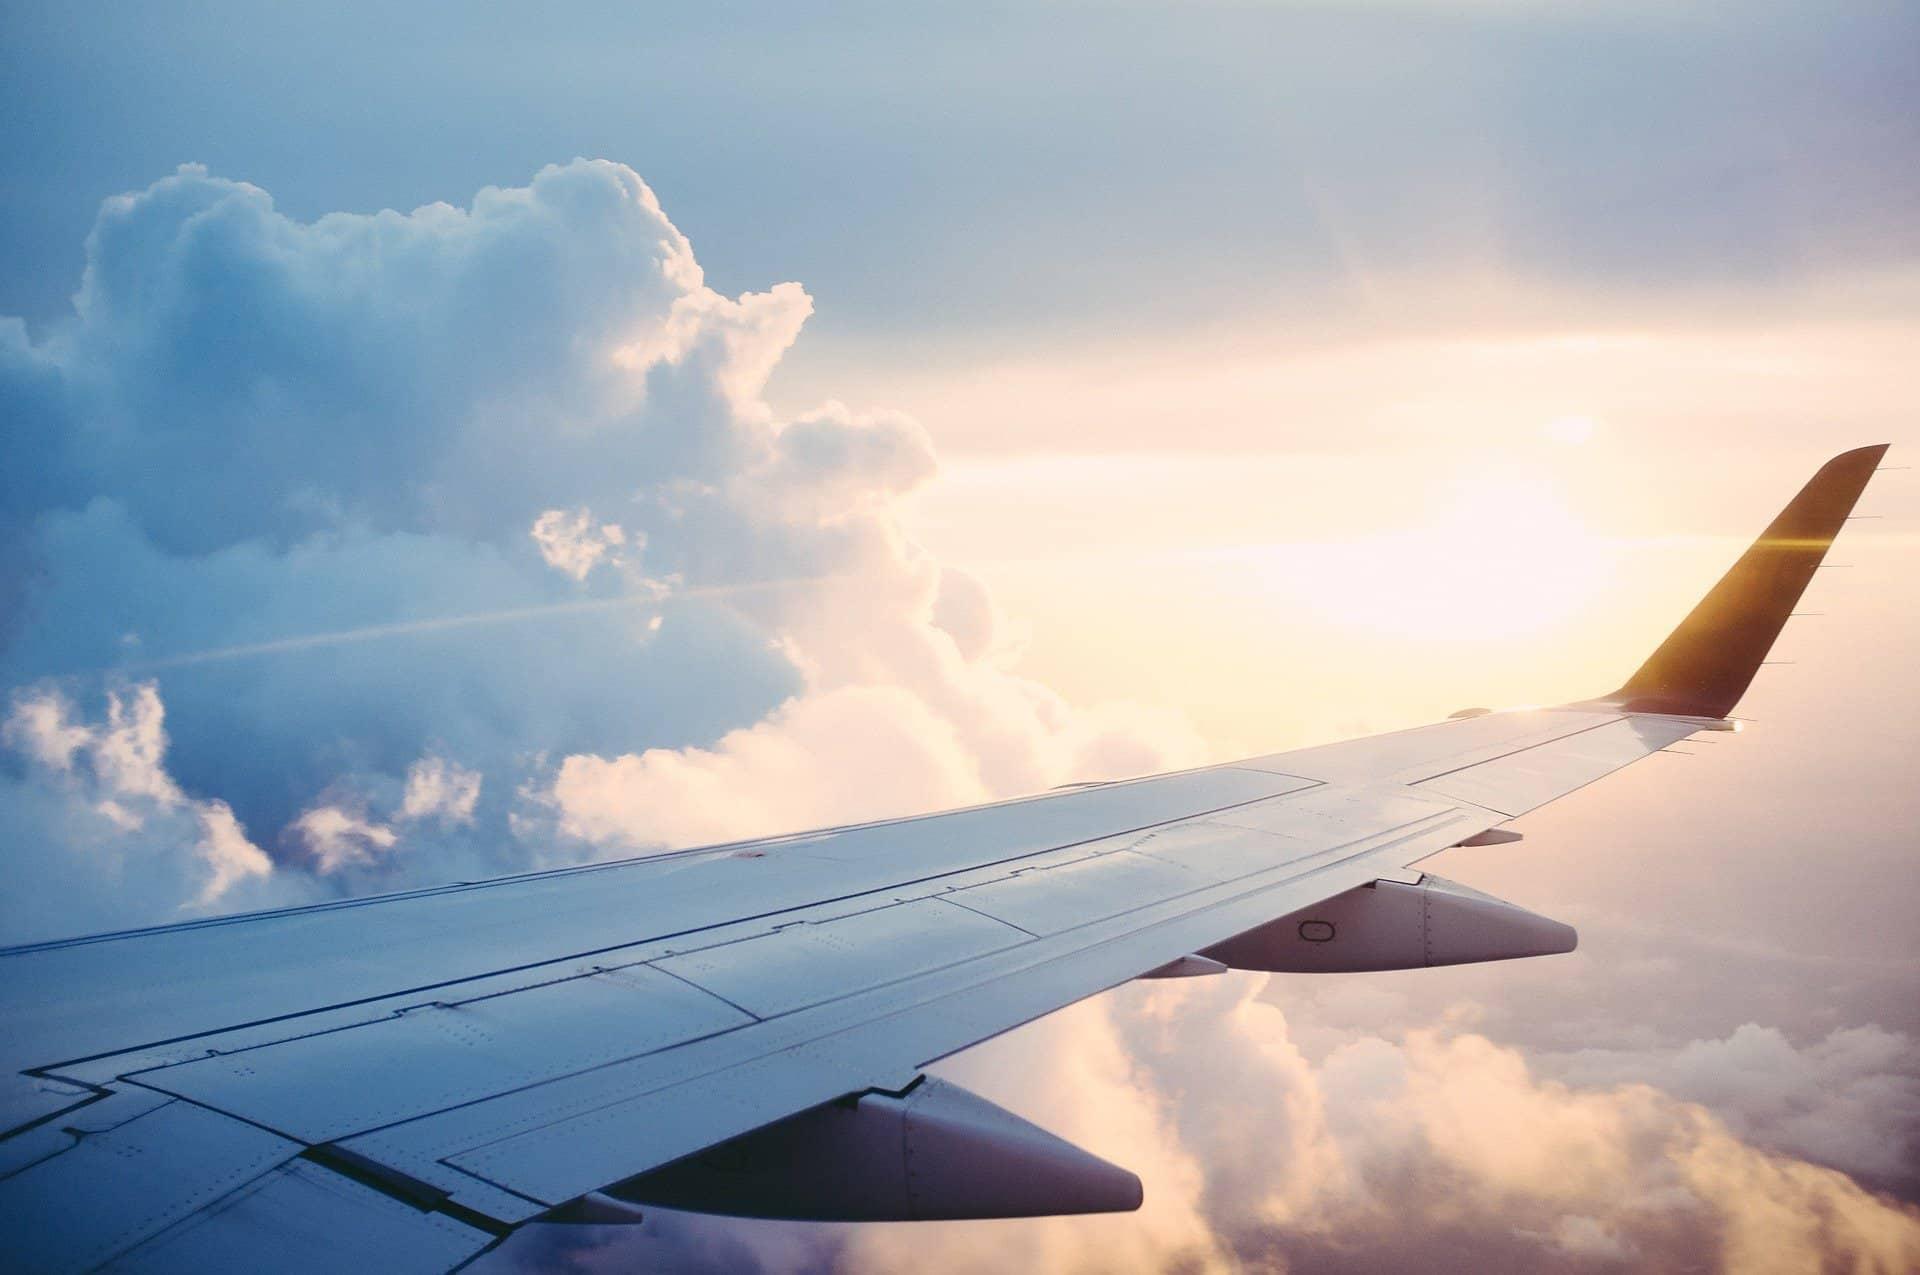 Southwest Airlines cae tras los informes de malas prácticas de seguridad